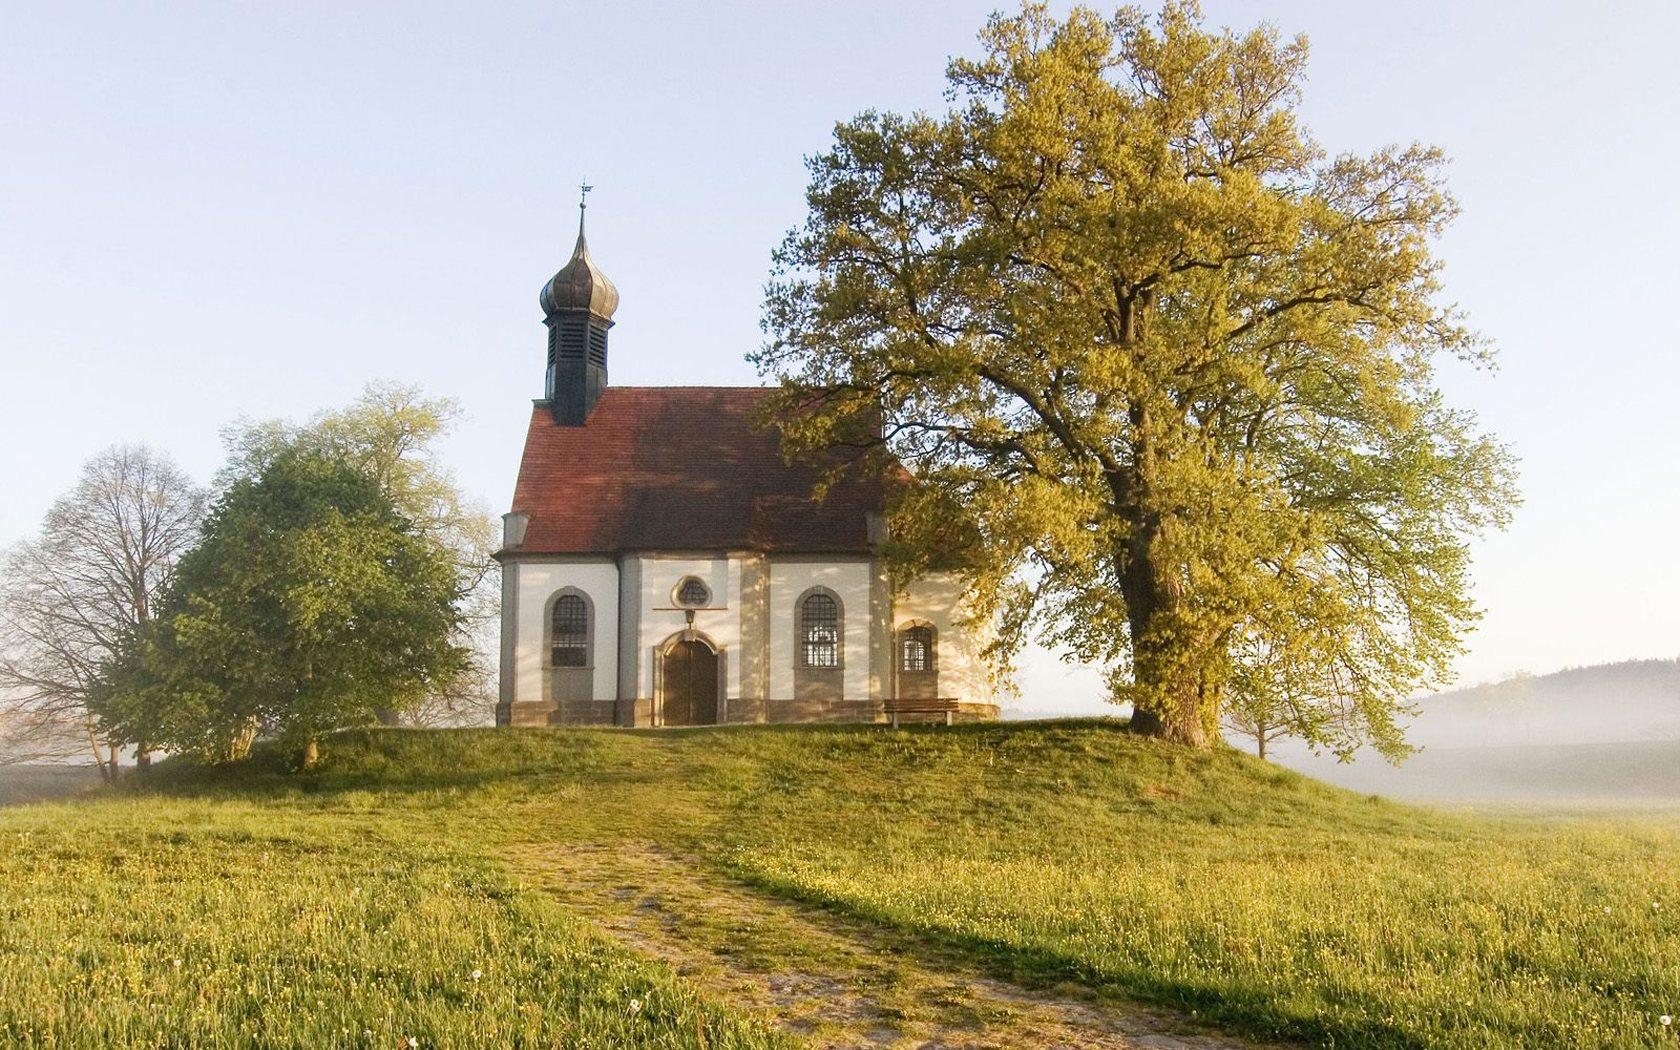 壁纸1680×1050巴伐利亚 弗兰克尼小礼拜堂壁纸壁纸 文化之旅地理人文景观一壁纸图片人文壁纸人文图片素材桌面壁纸